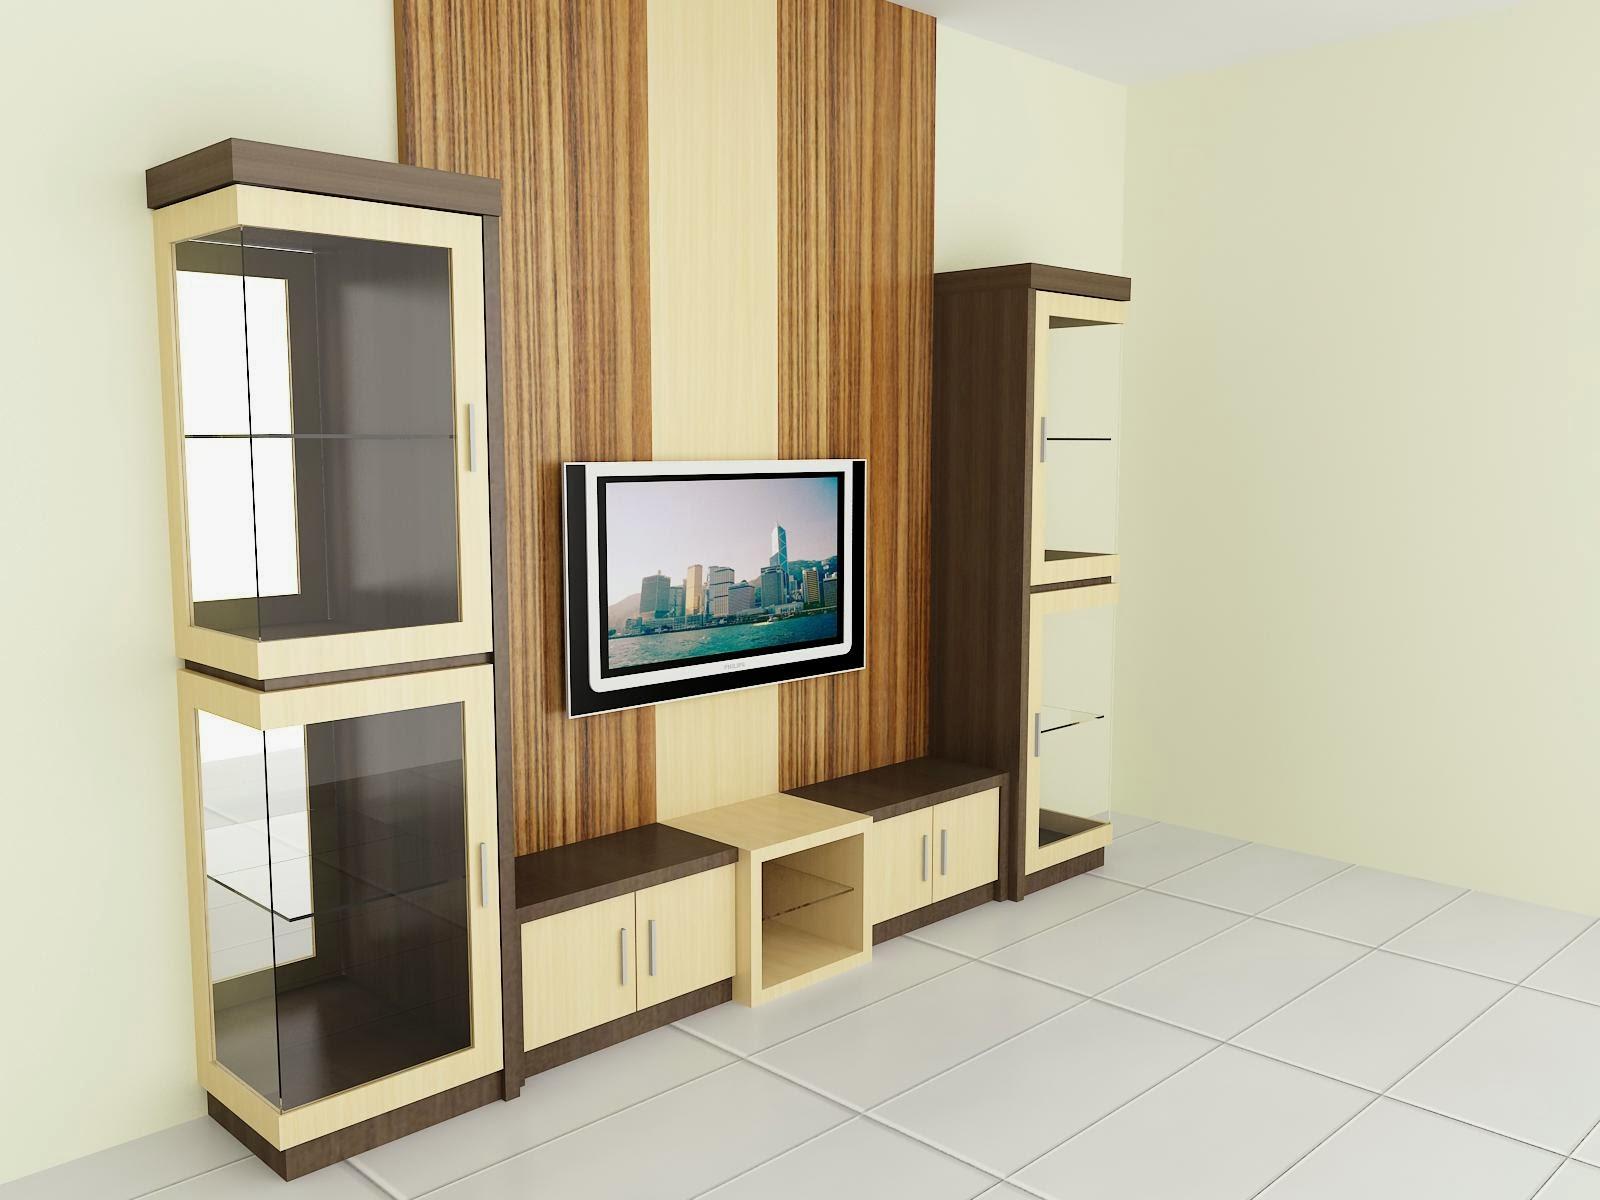 Ide Desain Backdrop TV yang Elegan, Kontemporer, dan ...